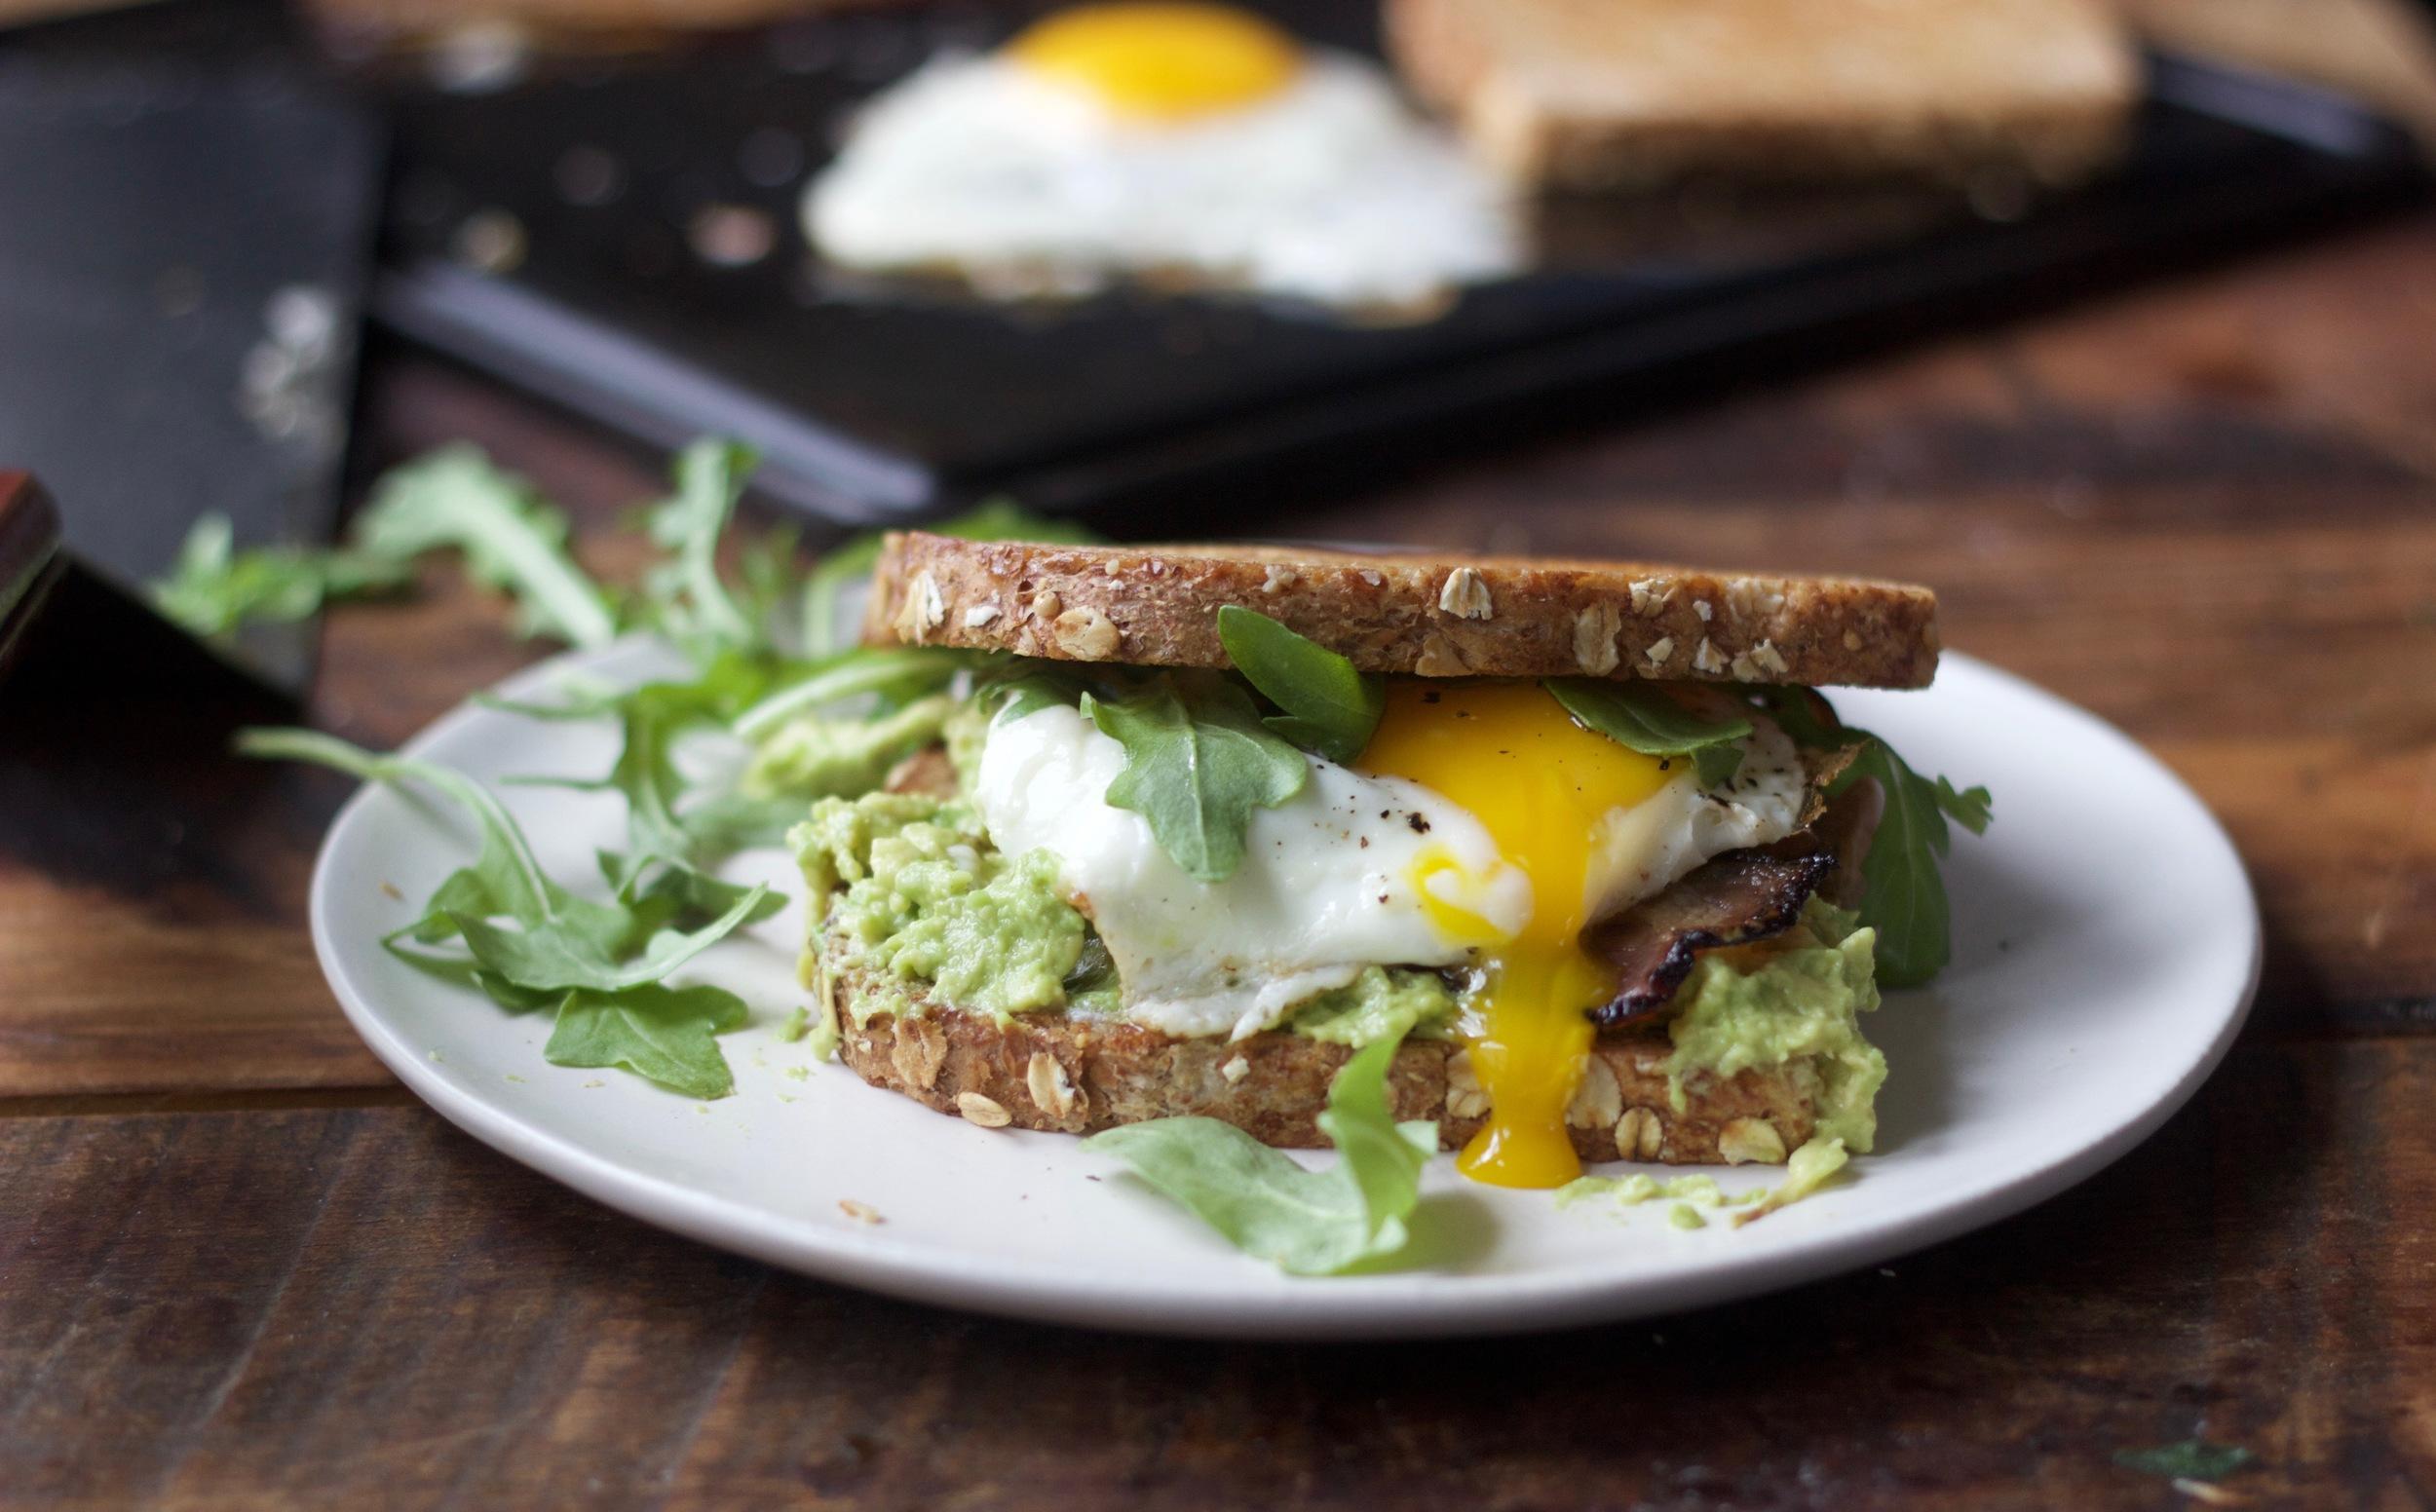 A Handley Breakfast Sandwich